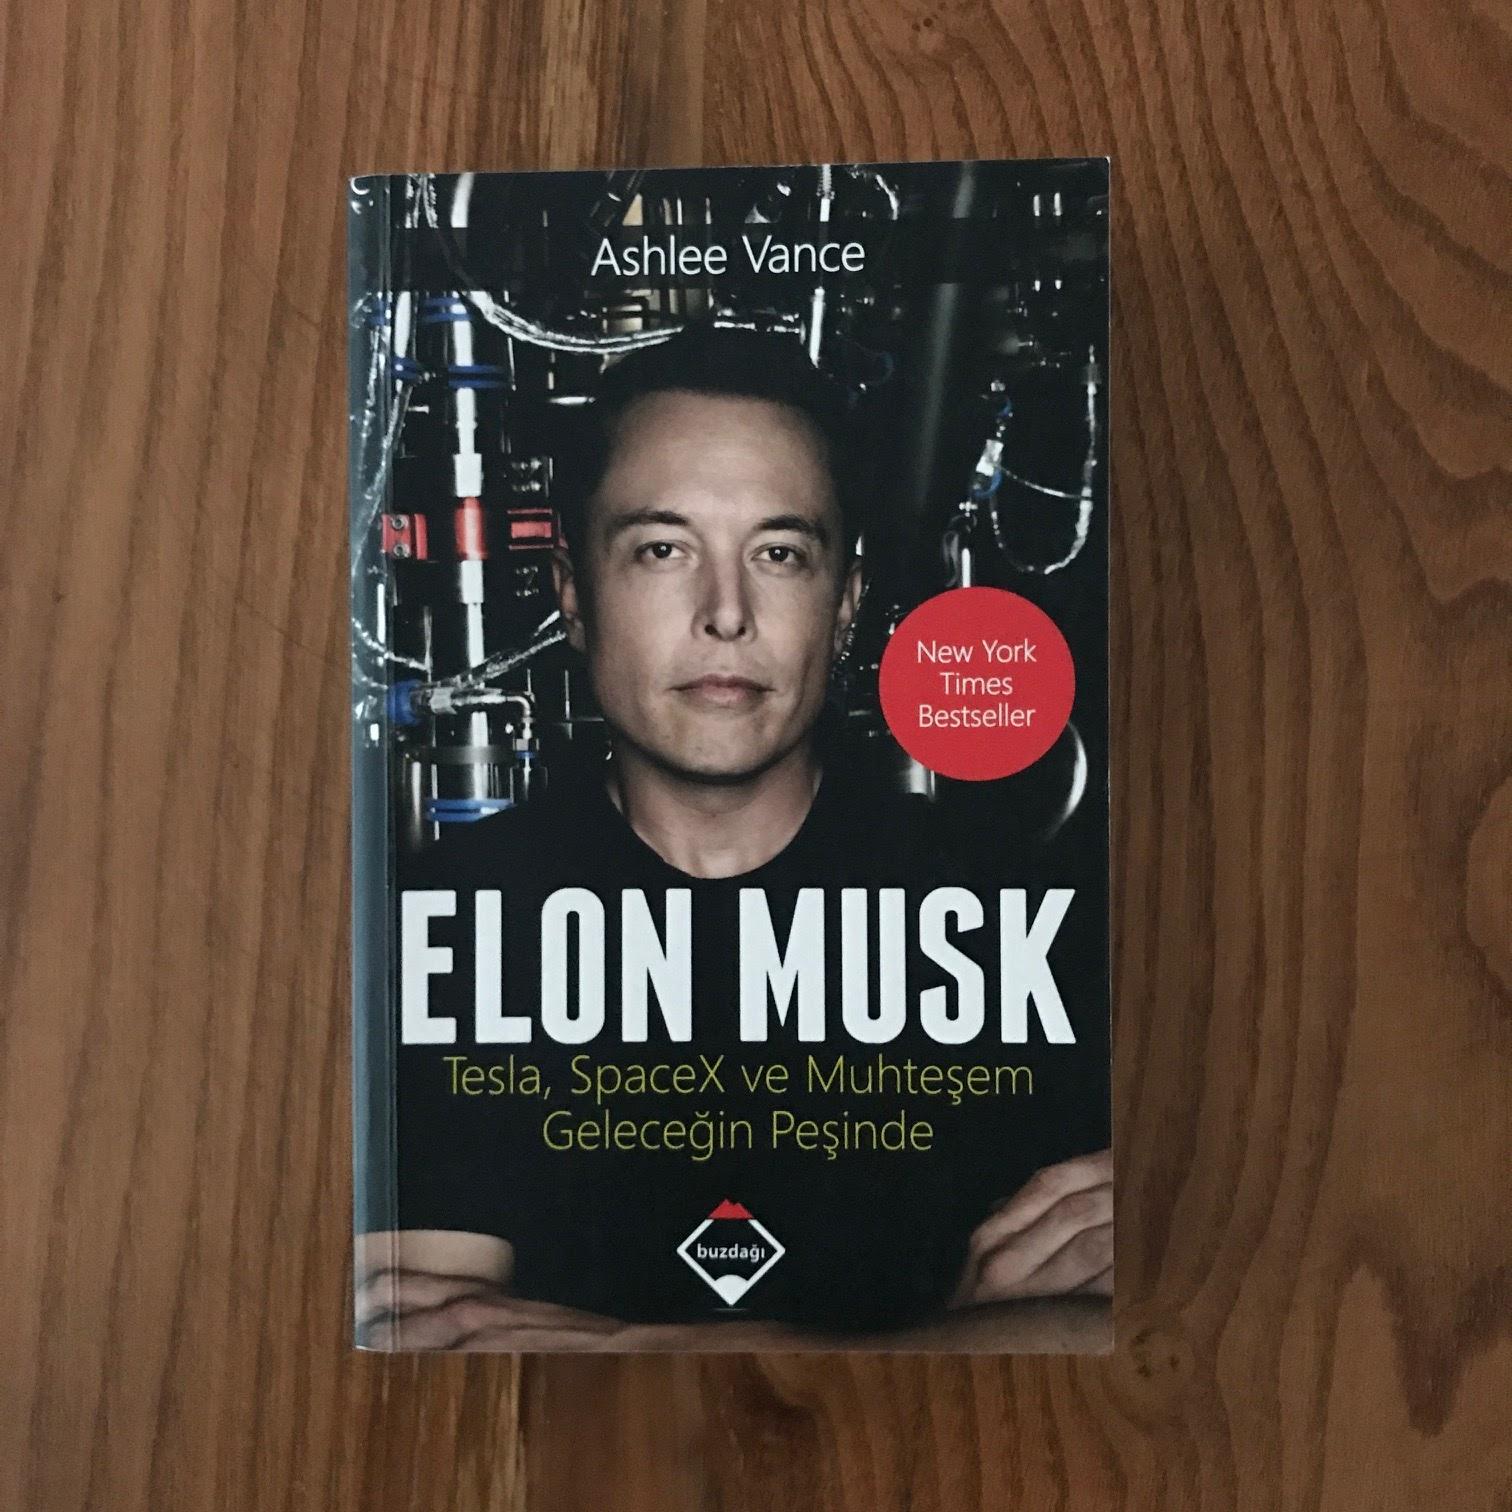 Elon Musk - Tesla, Spacex Ve Muhtesem Gelecegin Pesinde